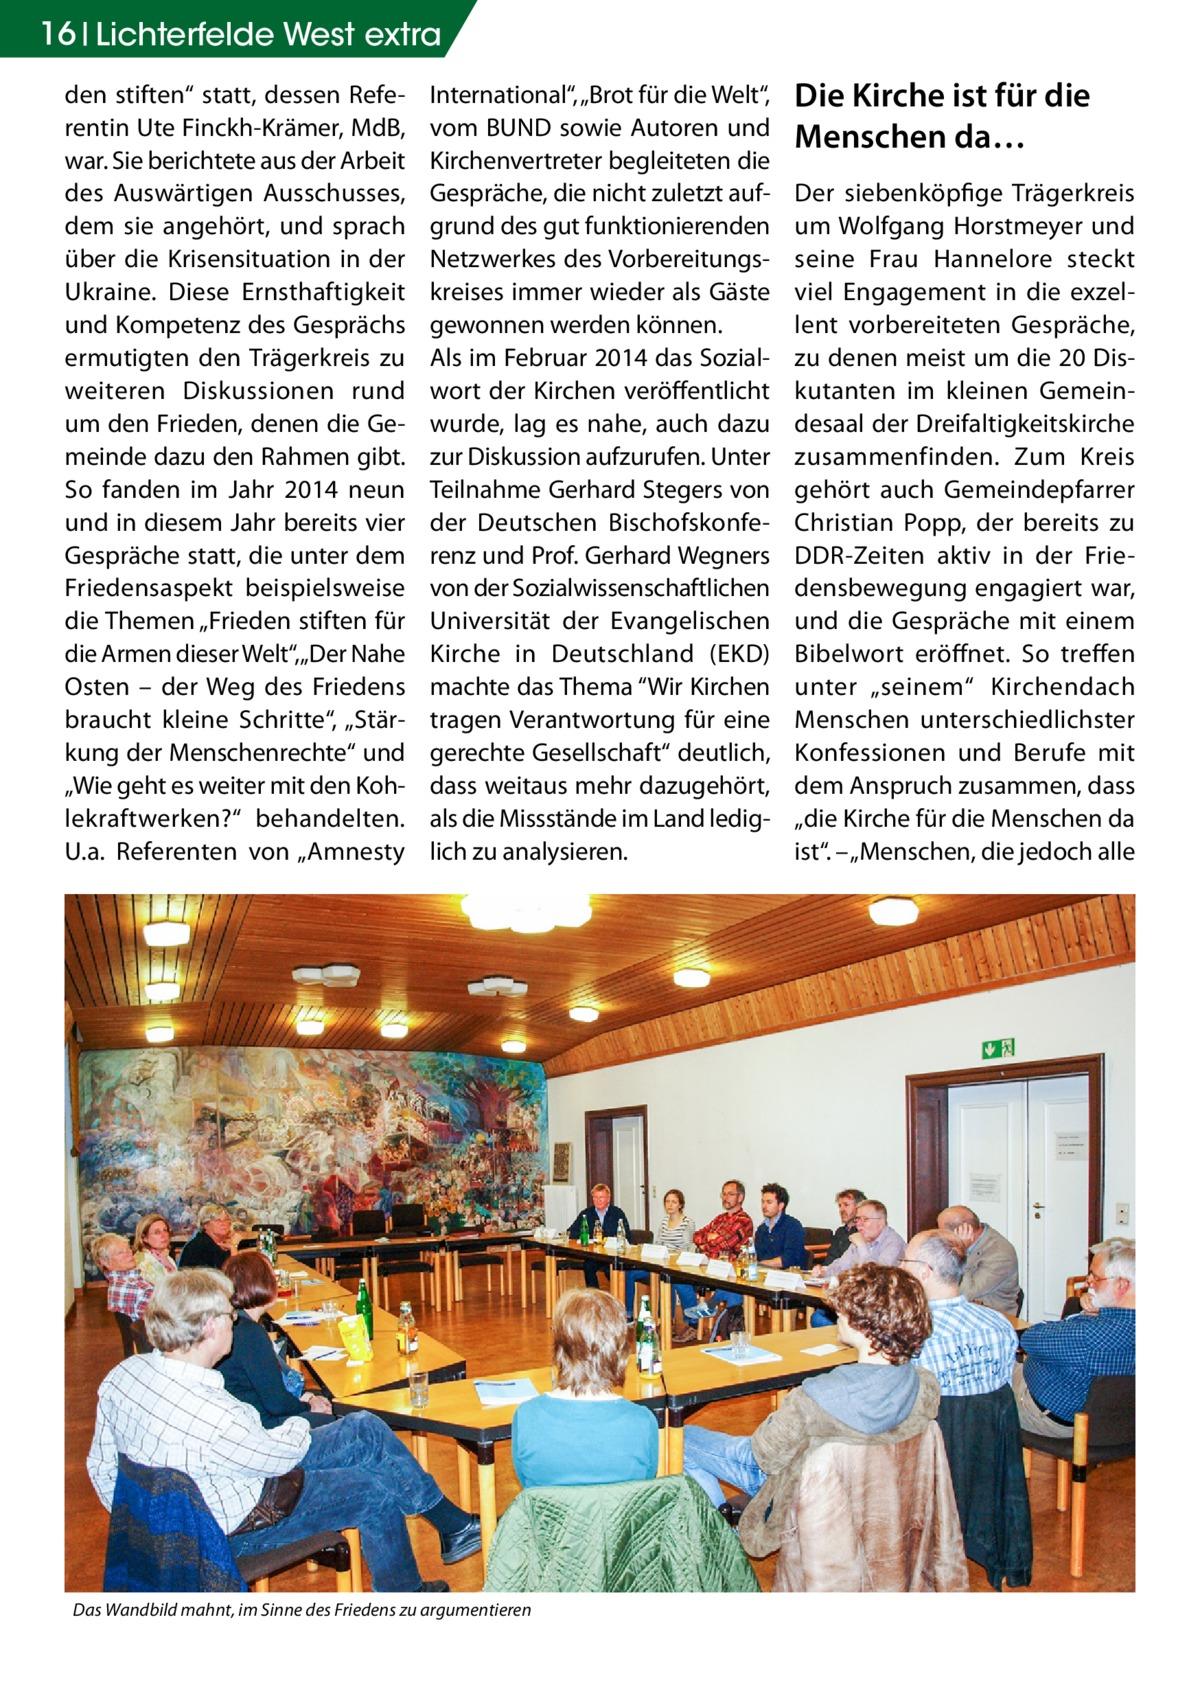 """16 Lichterfelde West extra den stiften"""" statt, dessen Referentin Ute Finckh-Krämer, MdB, war. Sie berichtete aus der Arbeit des Auswärtigen Ausschusses, dem sie angehört, und sprach über die Krisensituation in der Ukraine. Diese Ernsthaftigkeit und Kompetenz des Gesprächs ermutigten den Trägerkreis zu weiteren Diskussionen rund um den Frieden, denen die Gemeinde dazu den Rahmen gibt. So fanden im Jahr 2014 neun und in diesem Jahr bereits vier Gespräche statt, die unter dem Friedensaspekt beispielsweise die Themen """"Frieden stiften für die Armen dieser Welt"""", """"Der Nahe Osten – der Weg des Friedens braucht kleine Schritte"""", """"Stärkung der Menschenrechte"""" und """"Wie geht es weiter mit den Kohlekraftwerken?"""" behandelten. U.a. Referenten von """"Amnesty  International"""", """"Brot für die Welt"""", vom BUND sowie Autoren und Kirchenvertreter begleiteten die Gespräche, die nicht zuletzt aufgrund des gut funktionierenden Netzwerkes des Vorbereitungskreises immer wieder als Gäste gewonnen werden können. Als im Februar 2014 das Sozialwort der Kirchen veröffentlicht wurde, lag es nahe, auch dazu zur Diskussion aufzurufen. Unter Teilnahme Gerhard Stegers von der Deutschen Bischofskonferenz und Prof. Gerhard Wegners von der Sozialwissenschaftlichen Universität der Evangelischen Kirche in Deutschland (EKD) machte das Thema """"Wir Kirchen tragen Verantwortung für eine gerechte Gesellschaft"""" deutlich, dass weitaus mehr dazugehört, als die Missstände im Land lediglich zu analysieren.  Das Wandbild mahnt, im Sinne des Friedens zu argumentieren  Die Kirche ist für die Menschen da… Der siebenköpfige Trägerkreis um Wolfgang Horstmeyer und seine Frau Hannelore steckt viel Engagement in die exzellent vorbereiteten Gespräche, zu denen meist um die 20 Diskutanten im kleinen Gemeindesaal der Dreifaltigkeitskirche zusammenfinden. Zum Kreis gehört auch Gemeindepfarrer Christian Popp, der bereits zu DDR-Zeiten aktiv in der Friedensbewegung engagiert war, und die Gespräche mit einem Bibelwort eröffnet. So treff"""